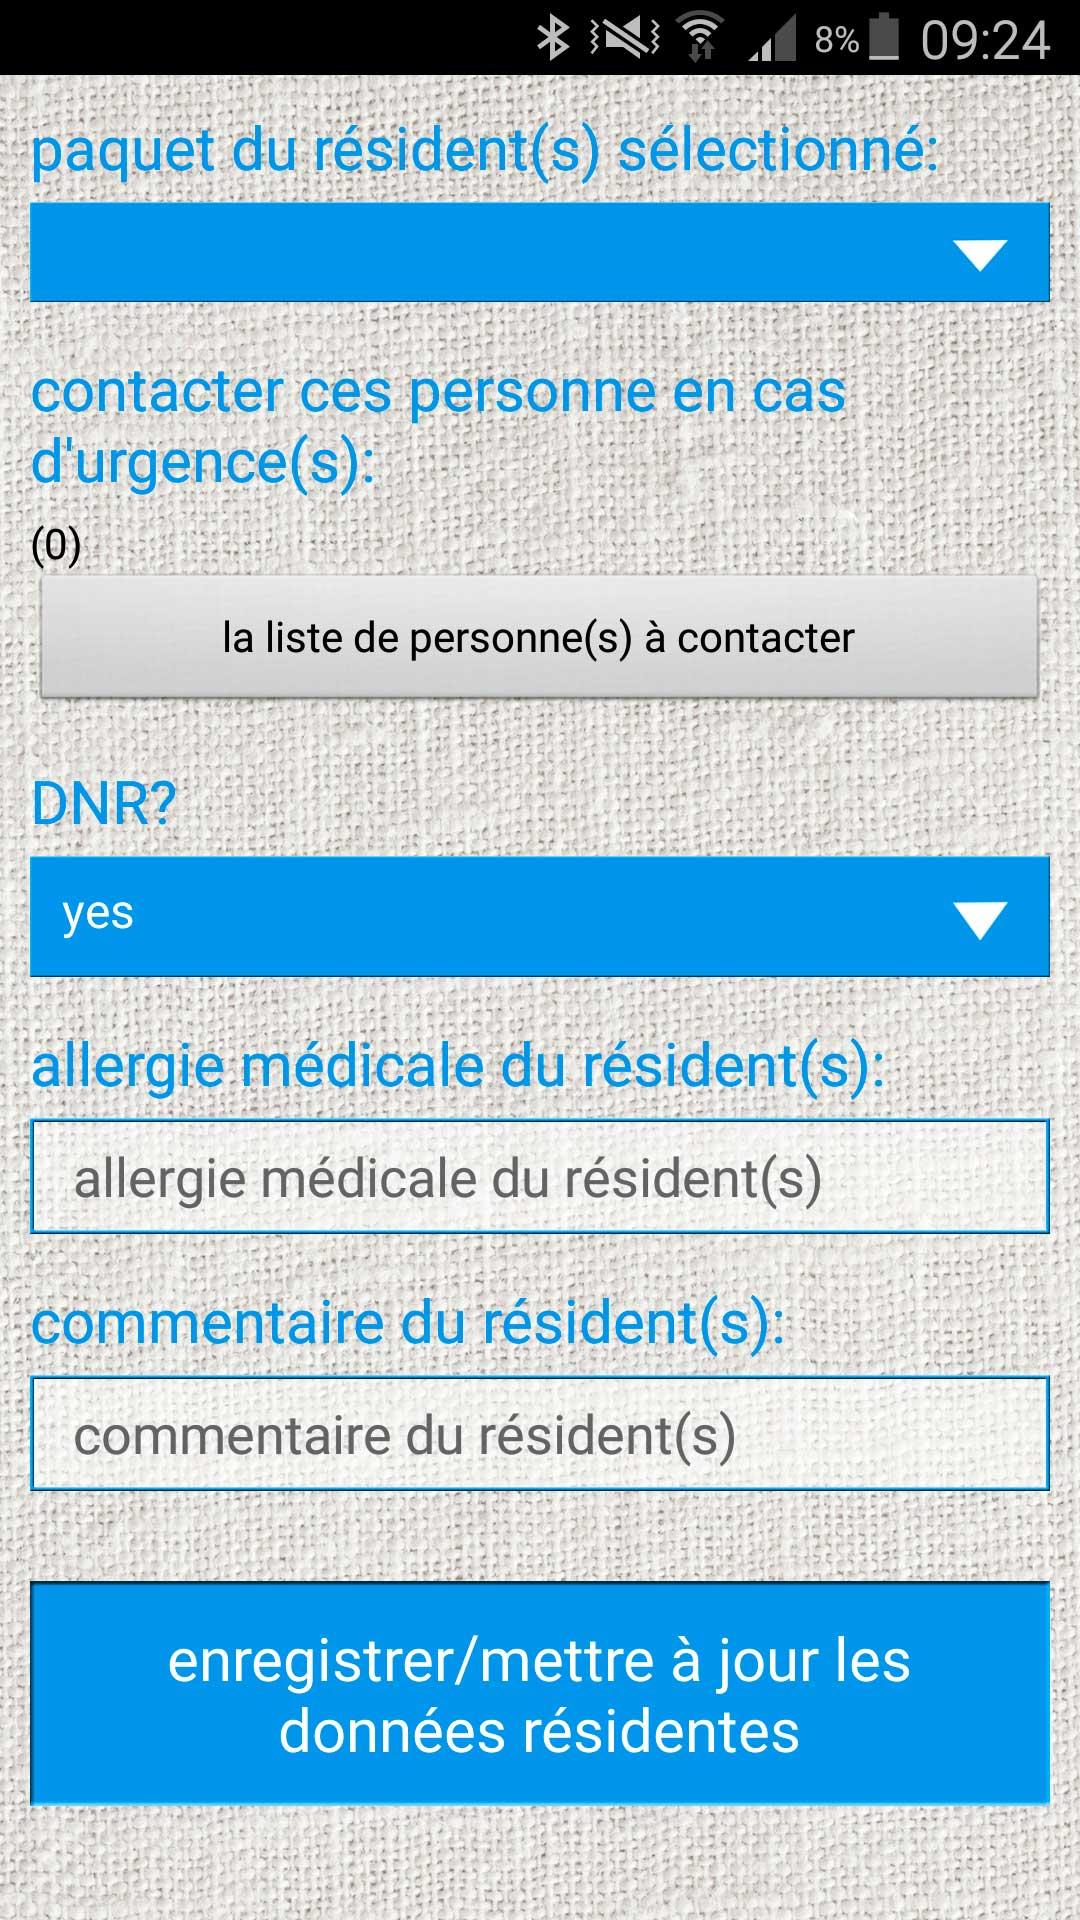 ginstr_app_careGiverChecklist_FR_04